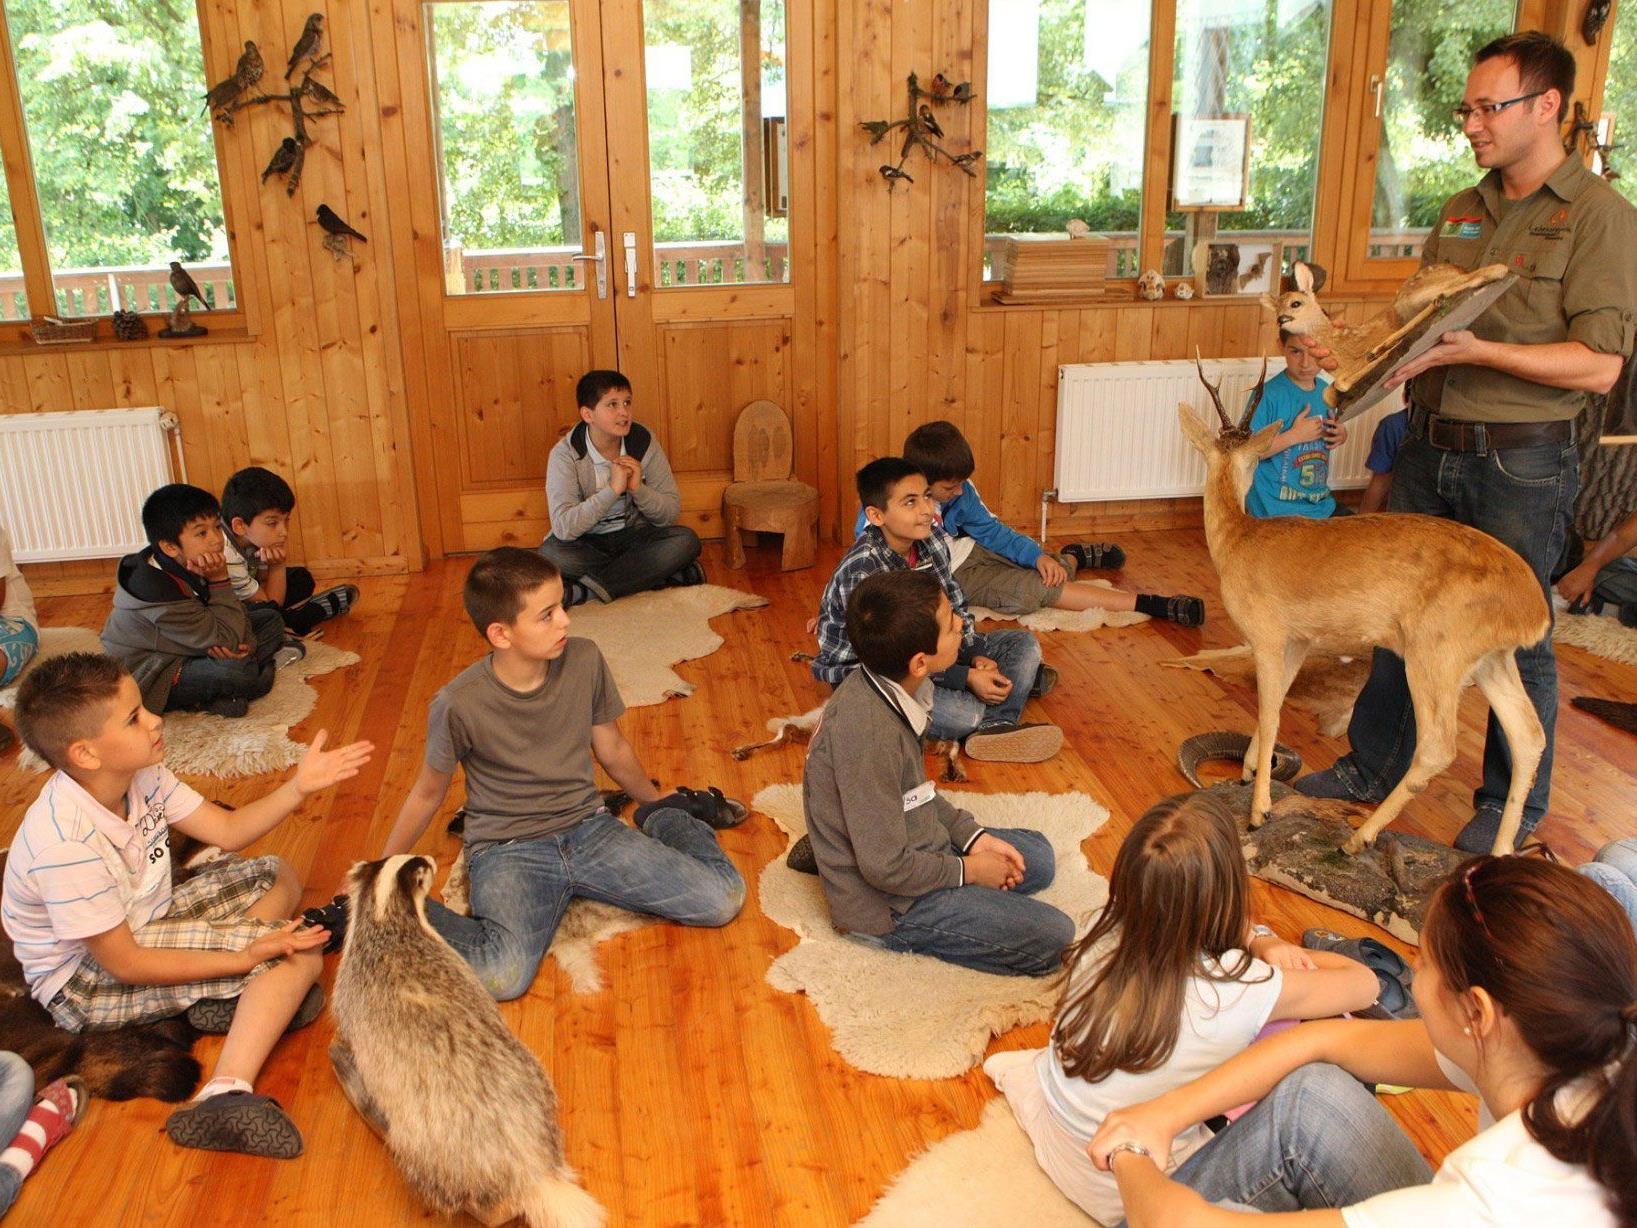 Sonst ist die Waldschule Ottakring nur für Schulklassen geöffnet, am 12. Mai ist Tag der offenen Tür.